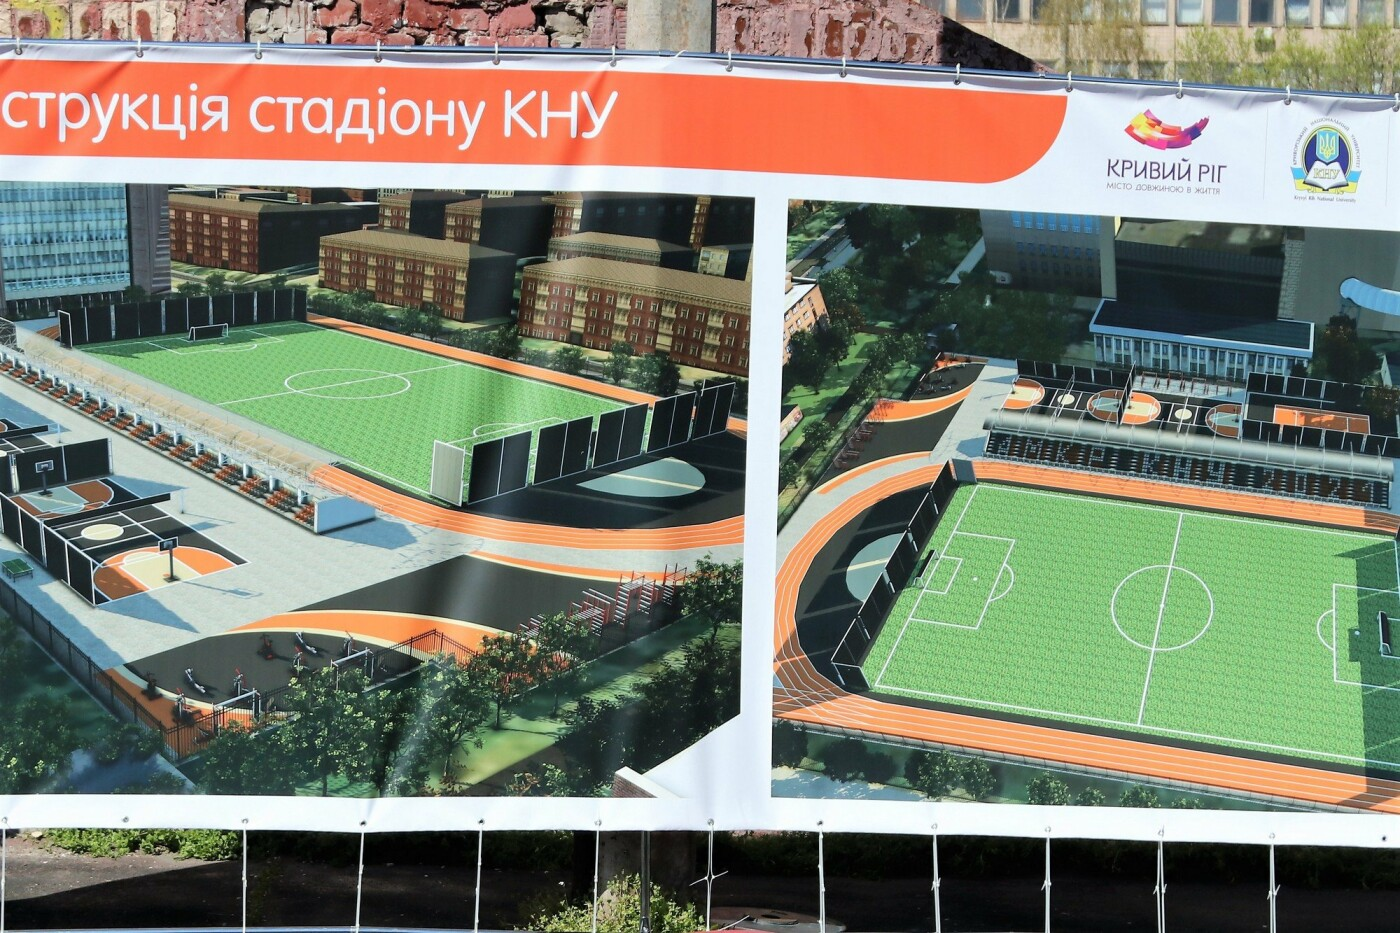 К. Павлов: в Кривому Розі буде побудований фактично новий стадіон КНУ, фото-1